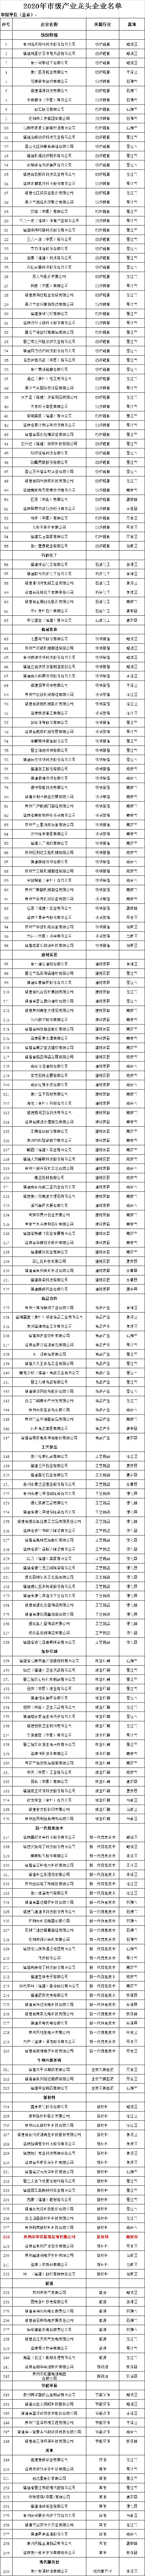 2020年市级产业龙头企业名单.png